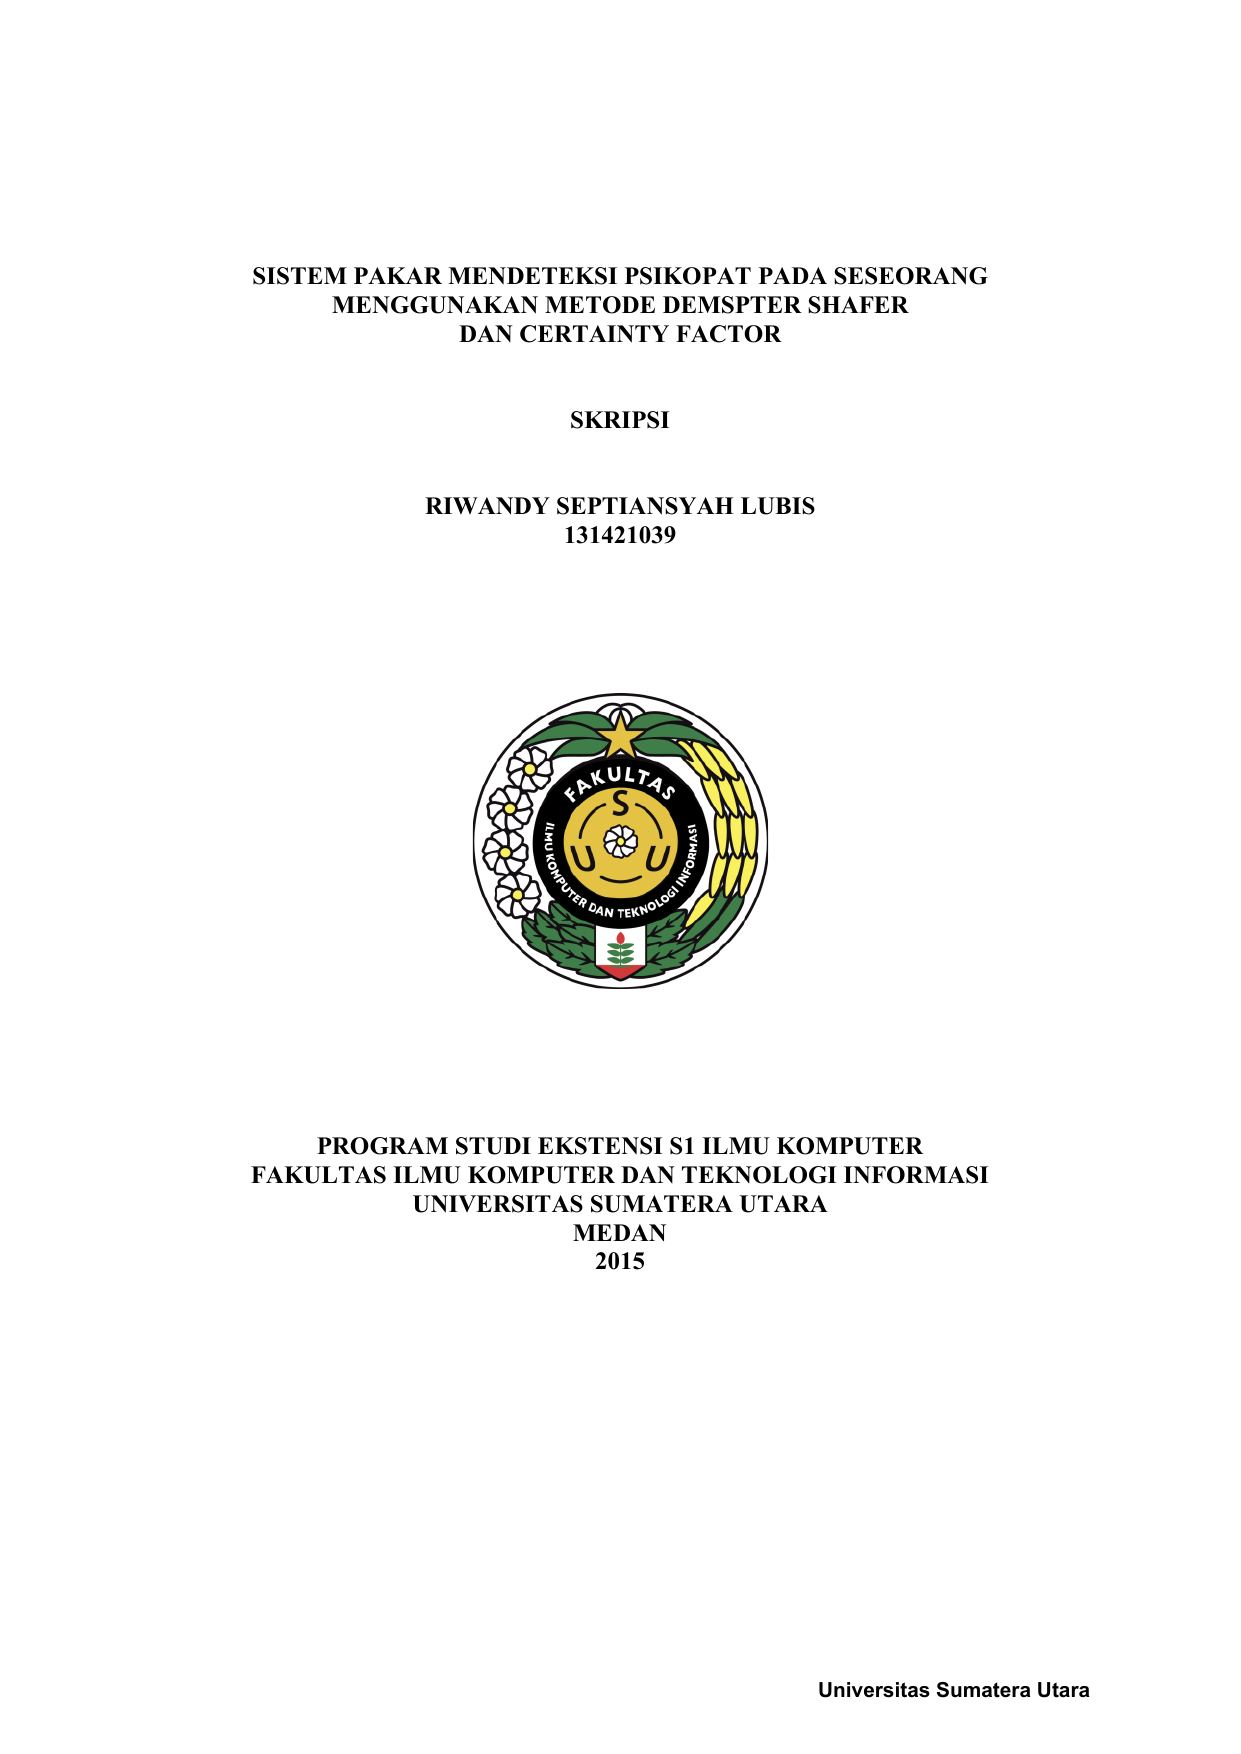 Contoh Cover Proposal Skripsi Usu Ide Judul Skripsi Universitas